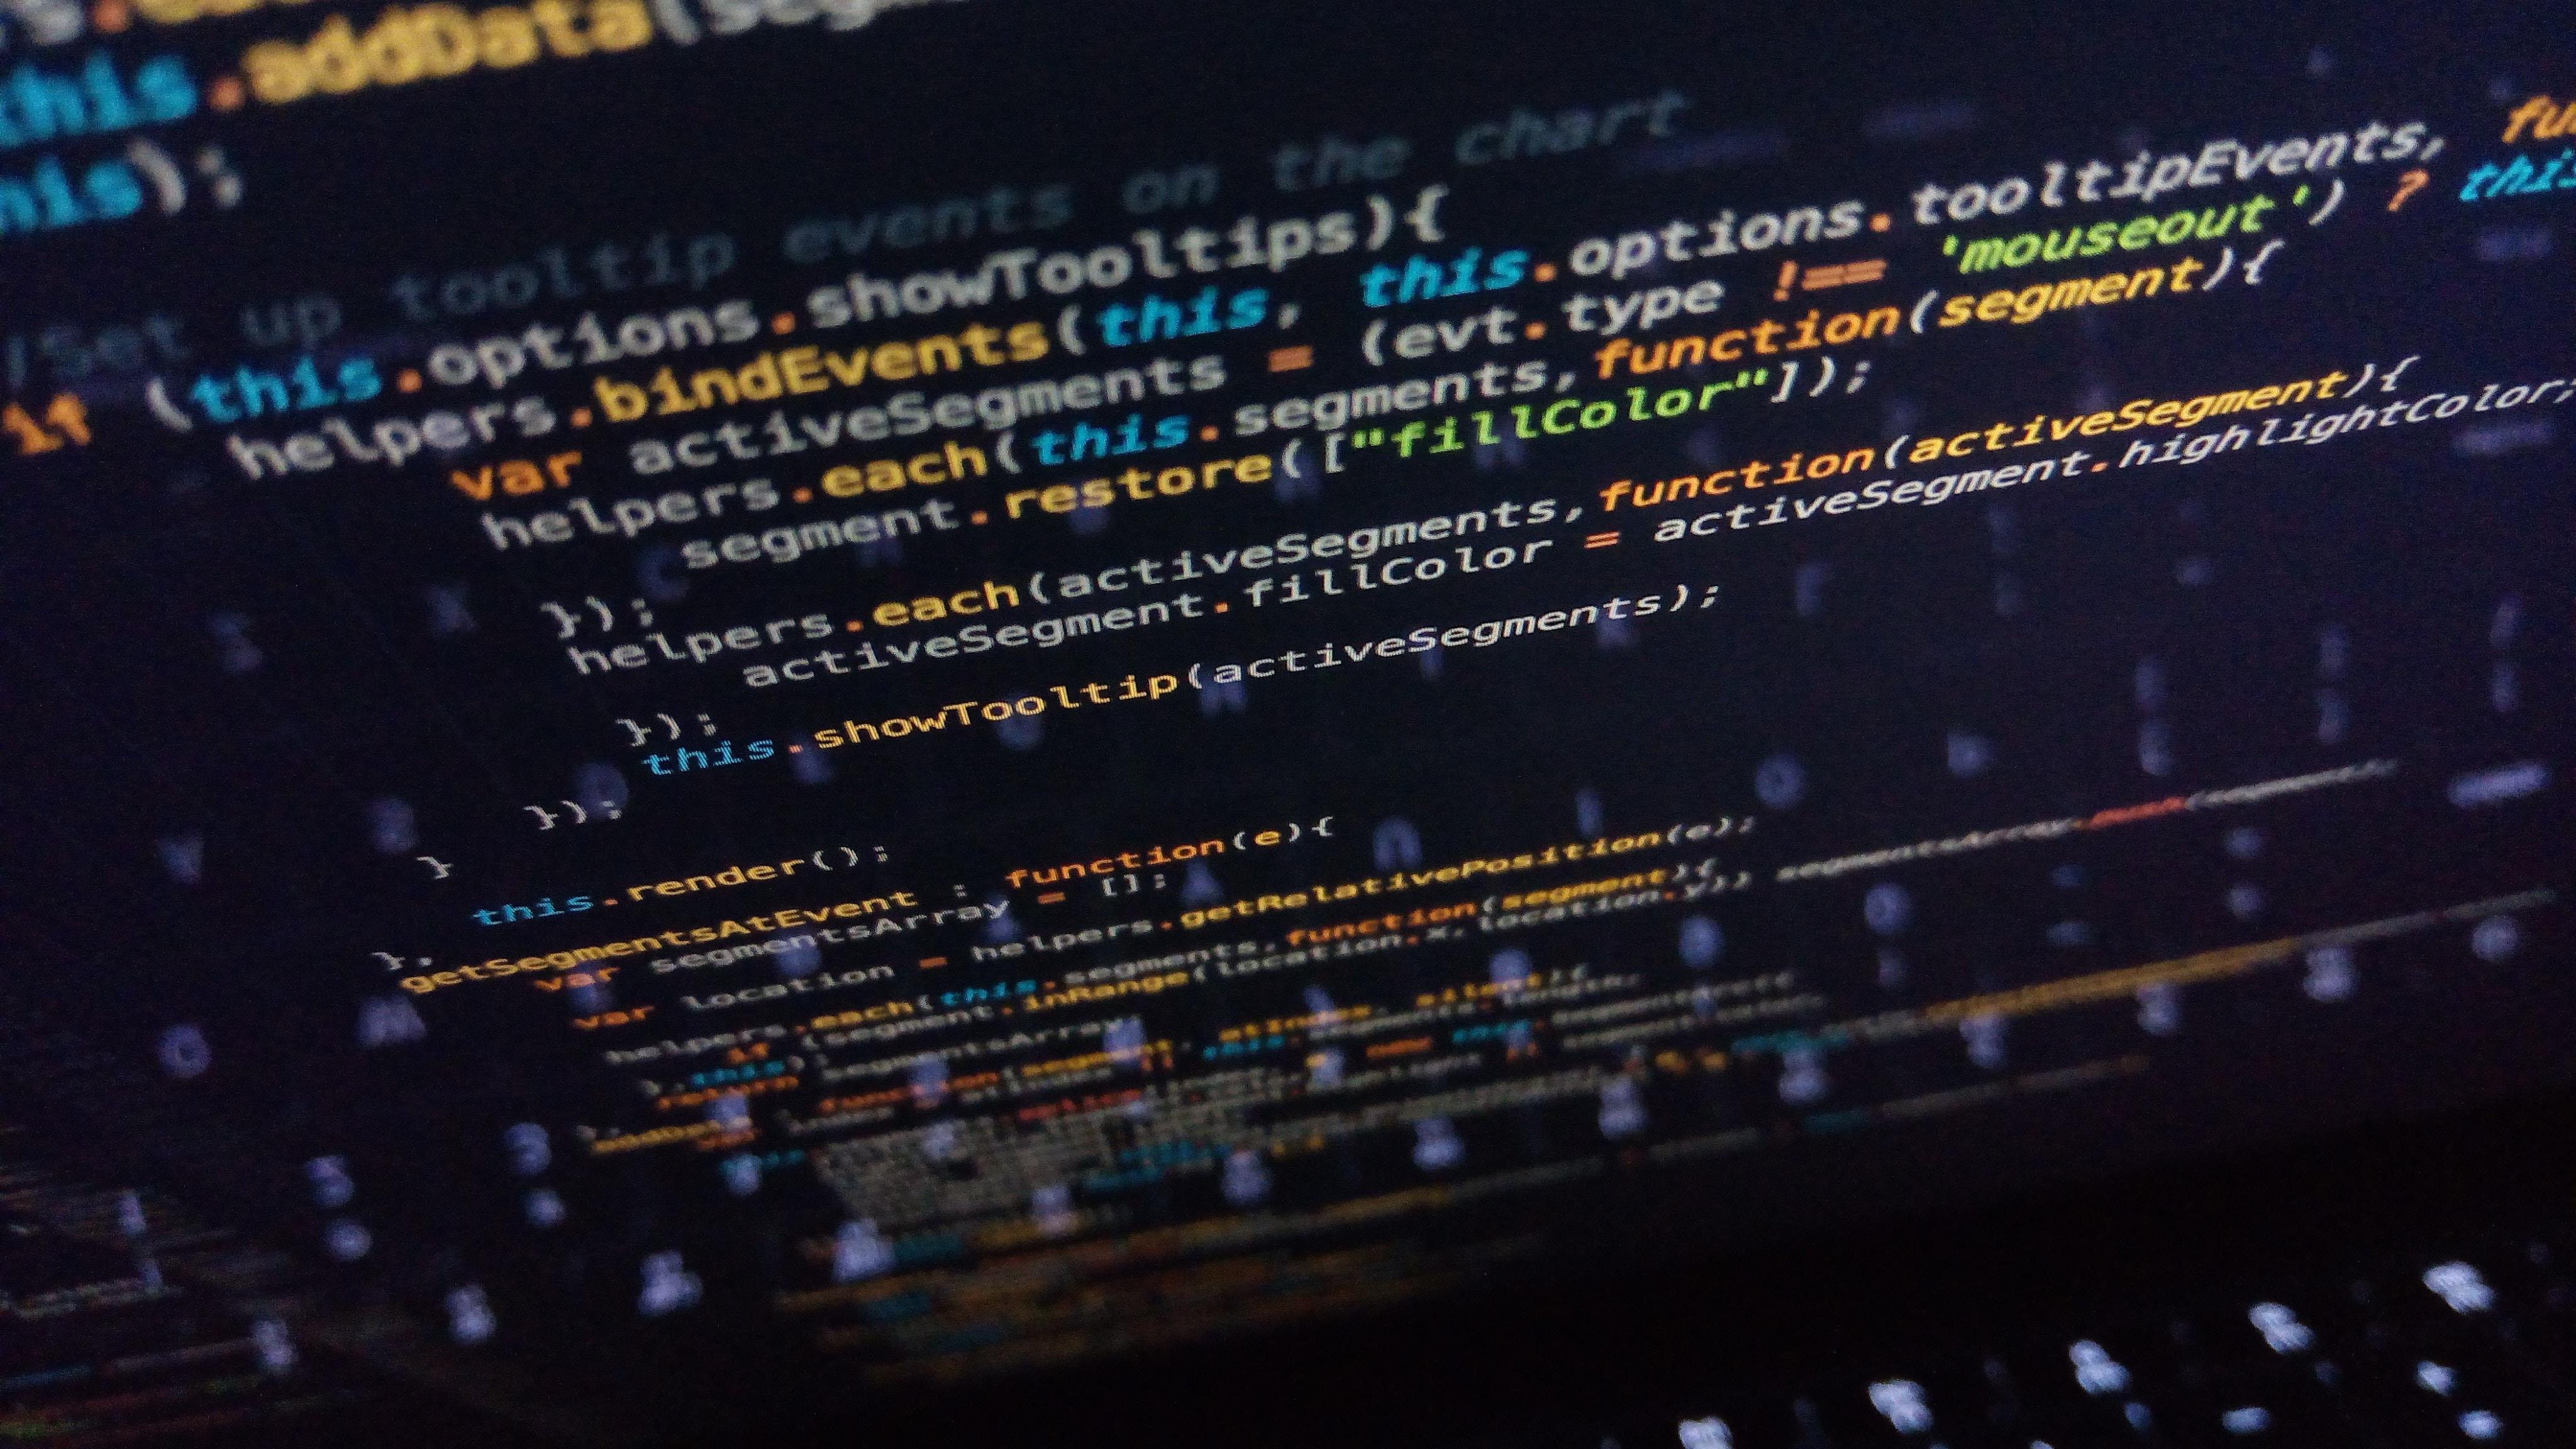 اصطلاحات stubs و drivers در تست نرمافزار چه مفهومی دارند